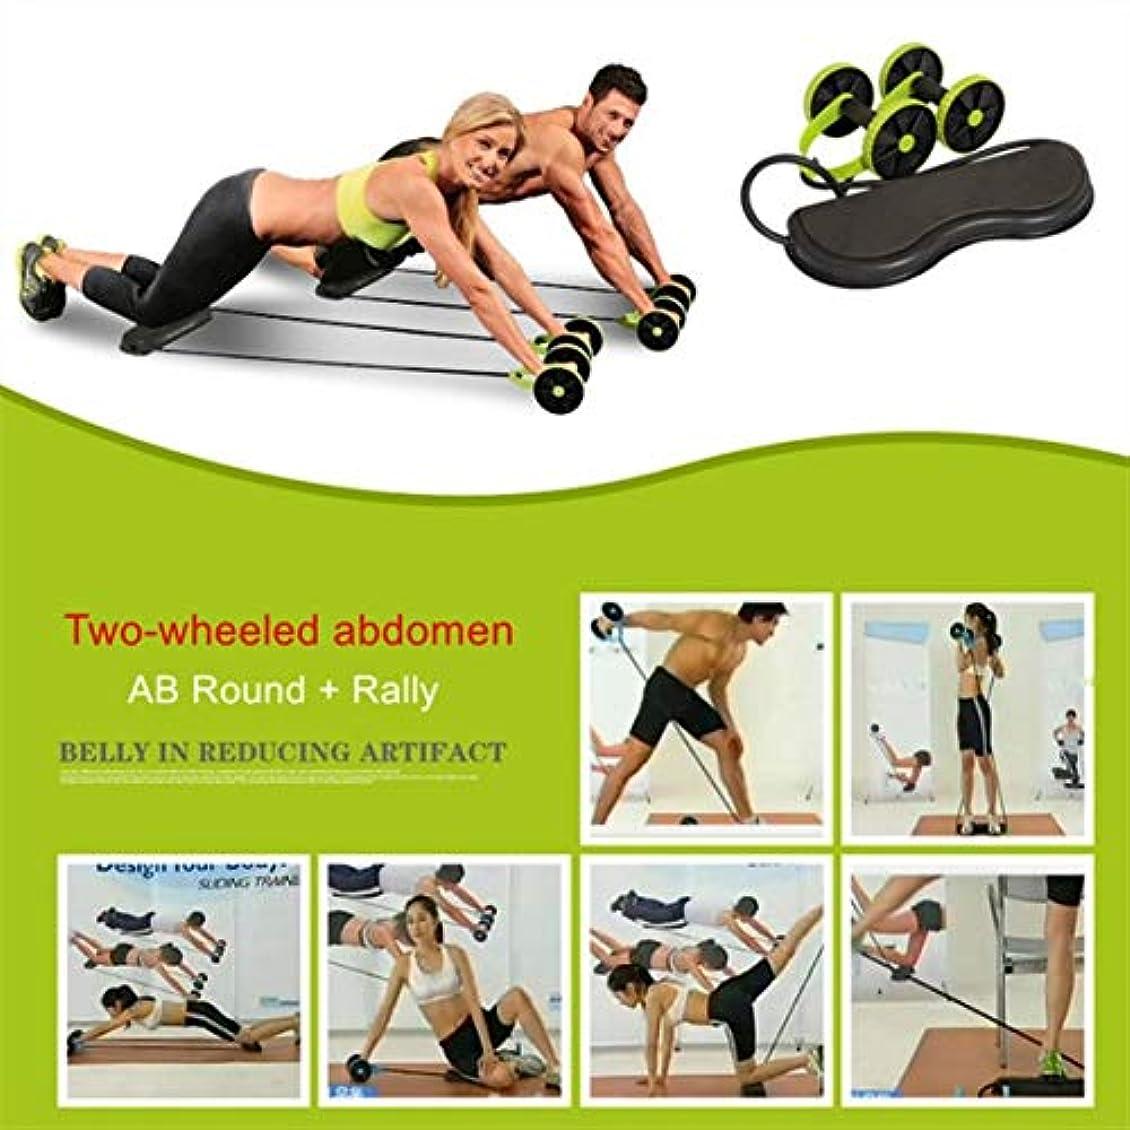 監査ペンス多様性JS-04多機能腹輪腹筋輪腹輪テンションロープ筋肉トレーニングマシン(グリーン&ブラック)